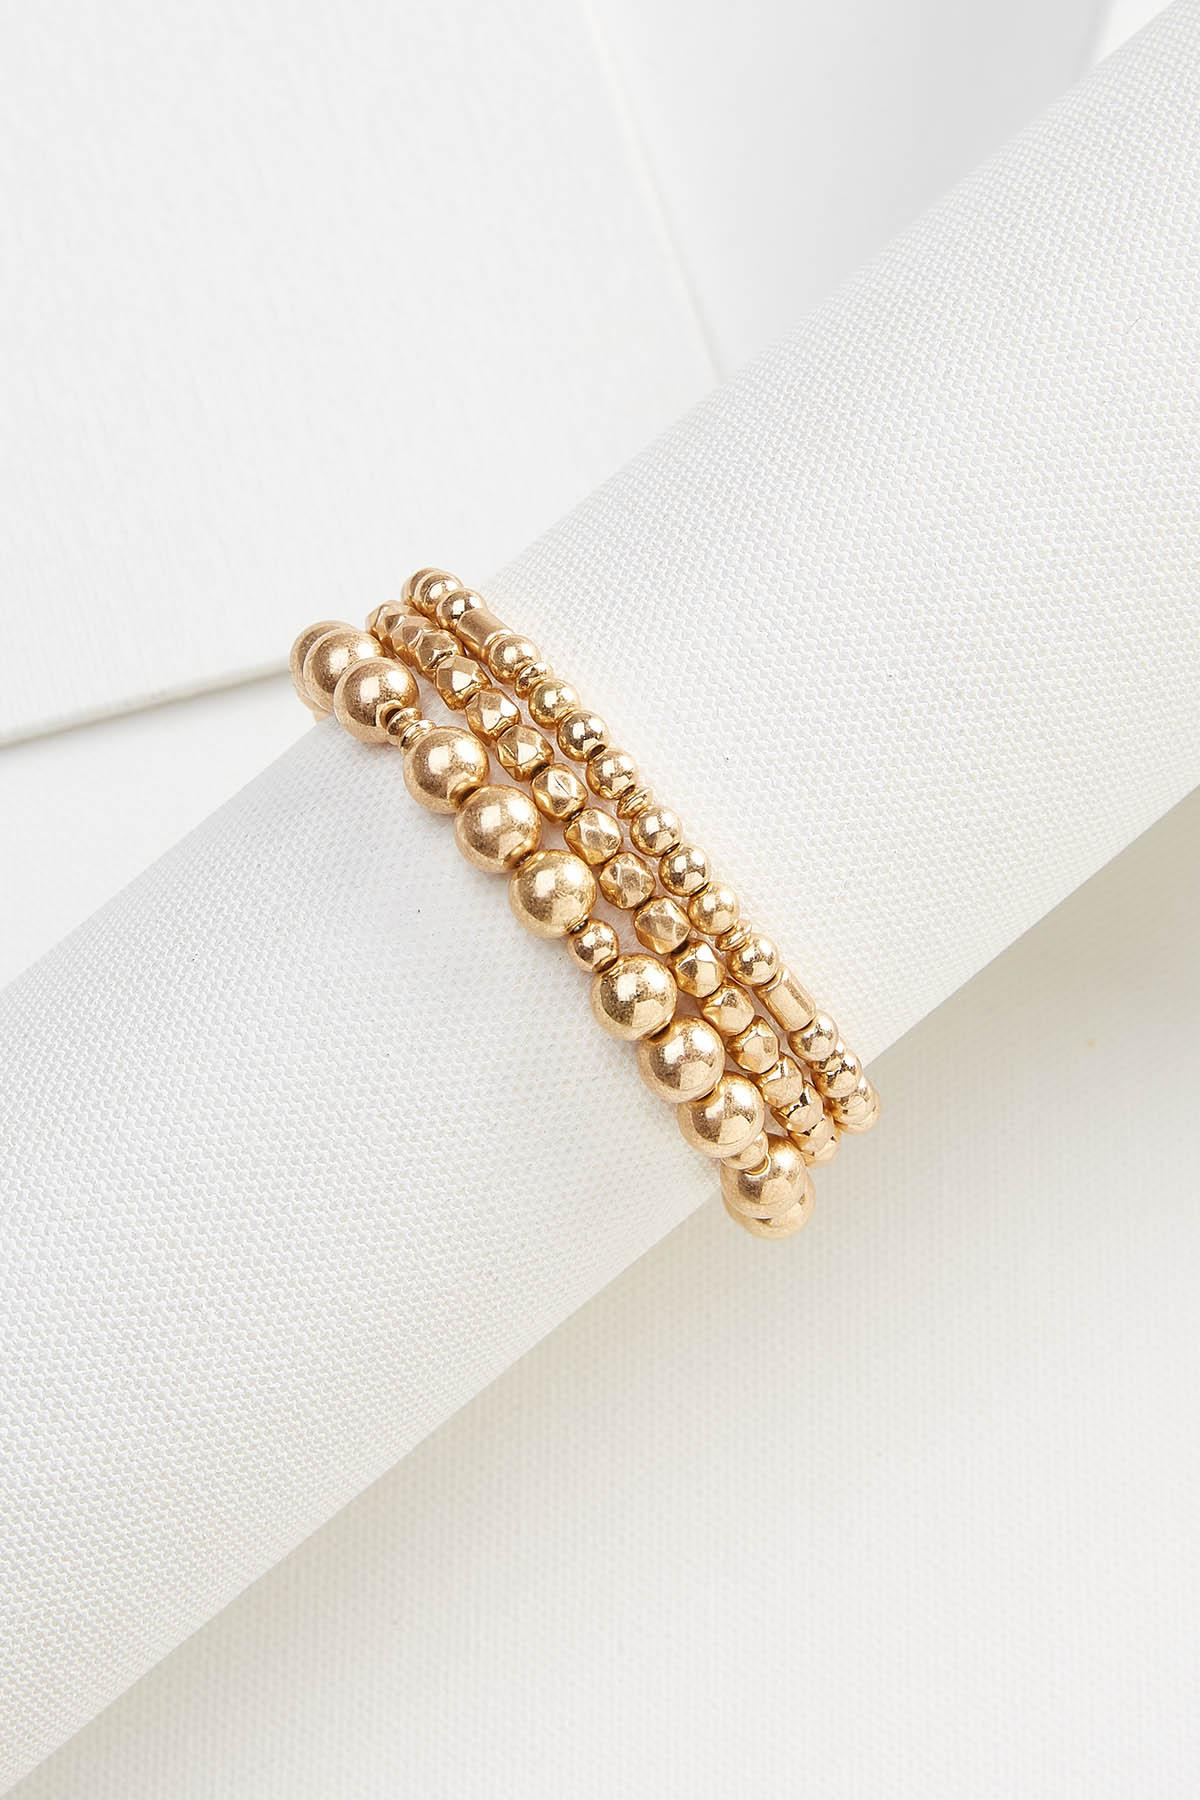 Beaded Stretch Bracelets